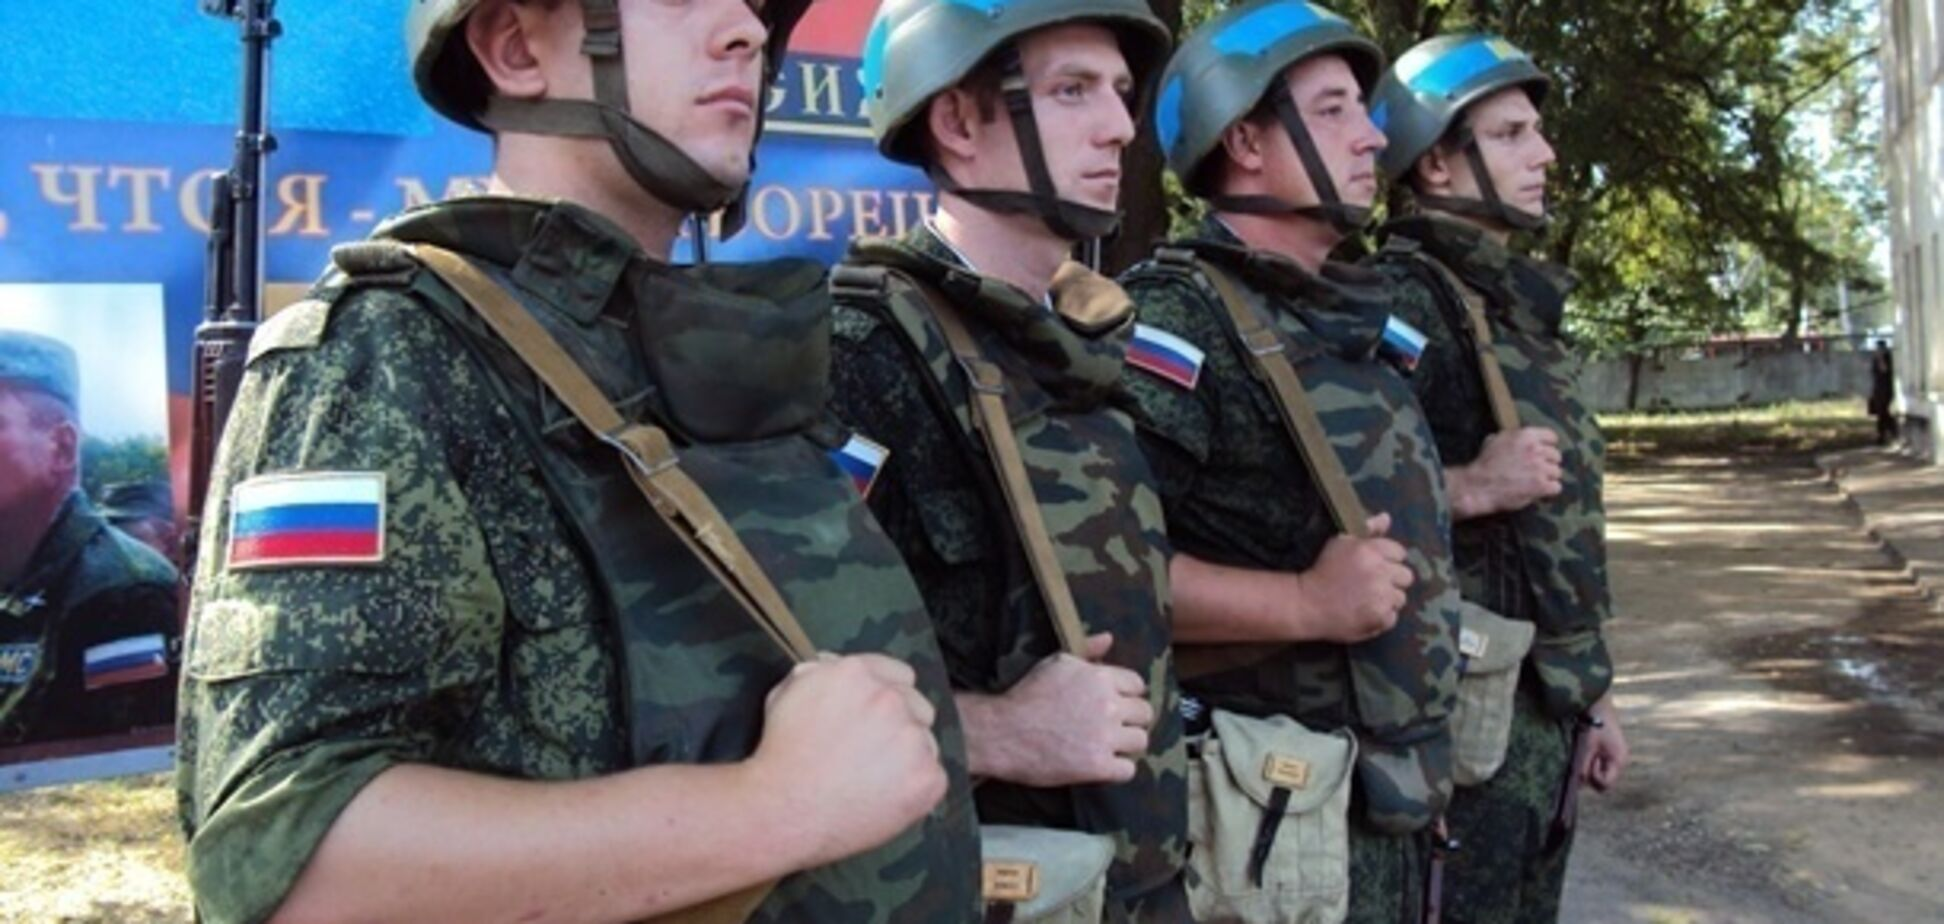 Провокация против соседа Украины: действиям России дали объяснение